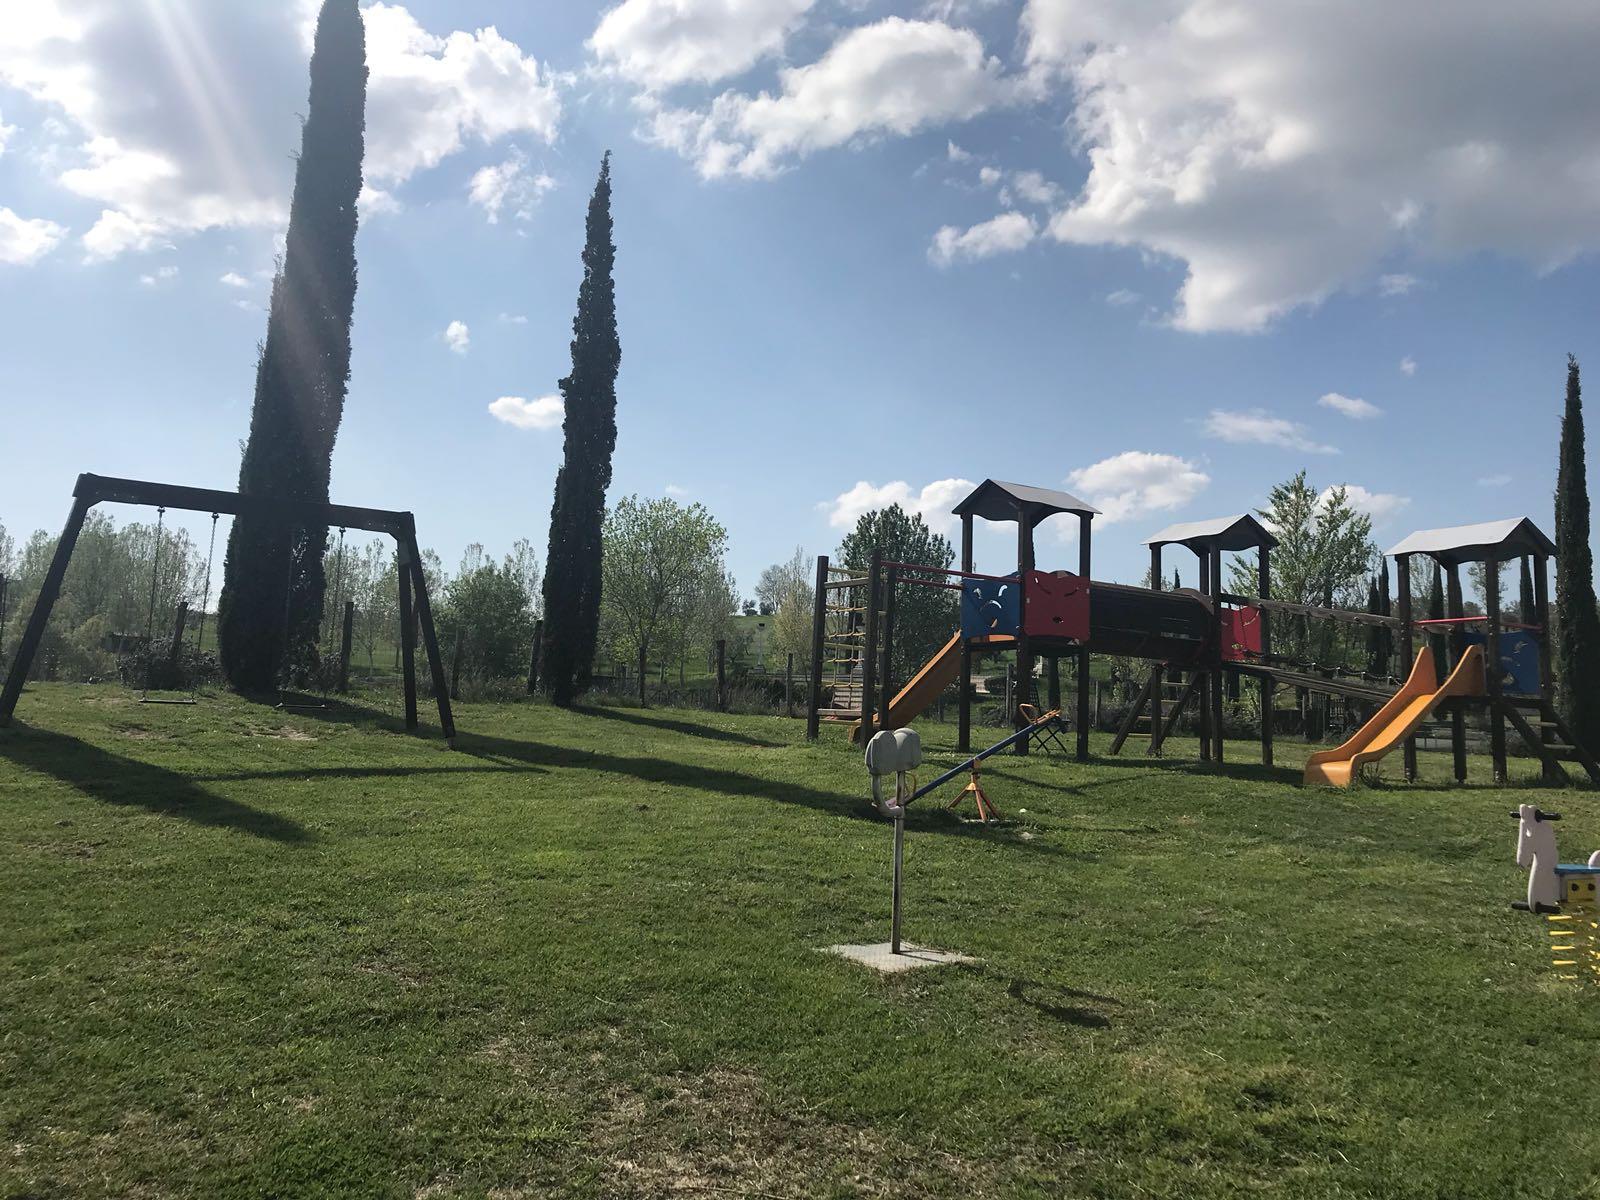 Parco giochi per bambini in gita in Umbria